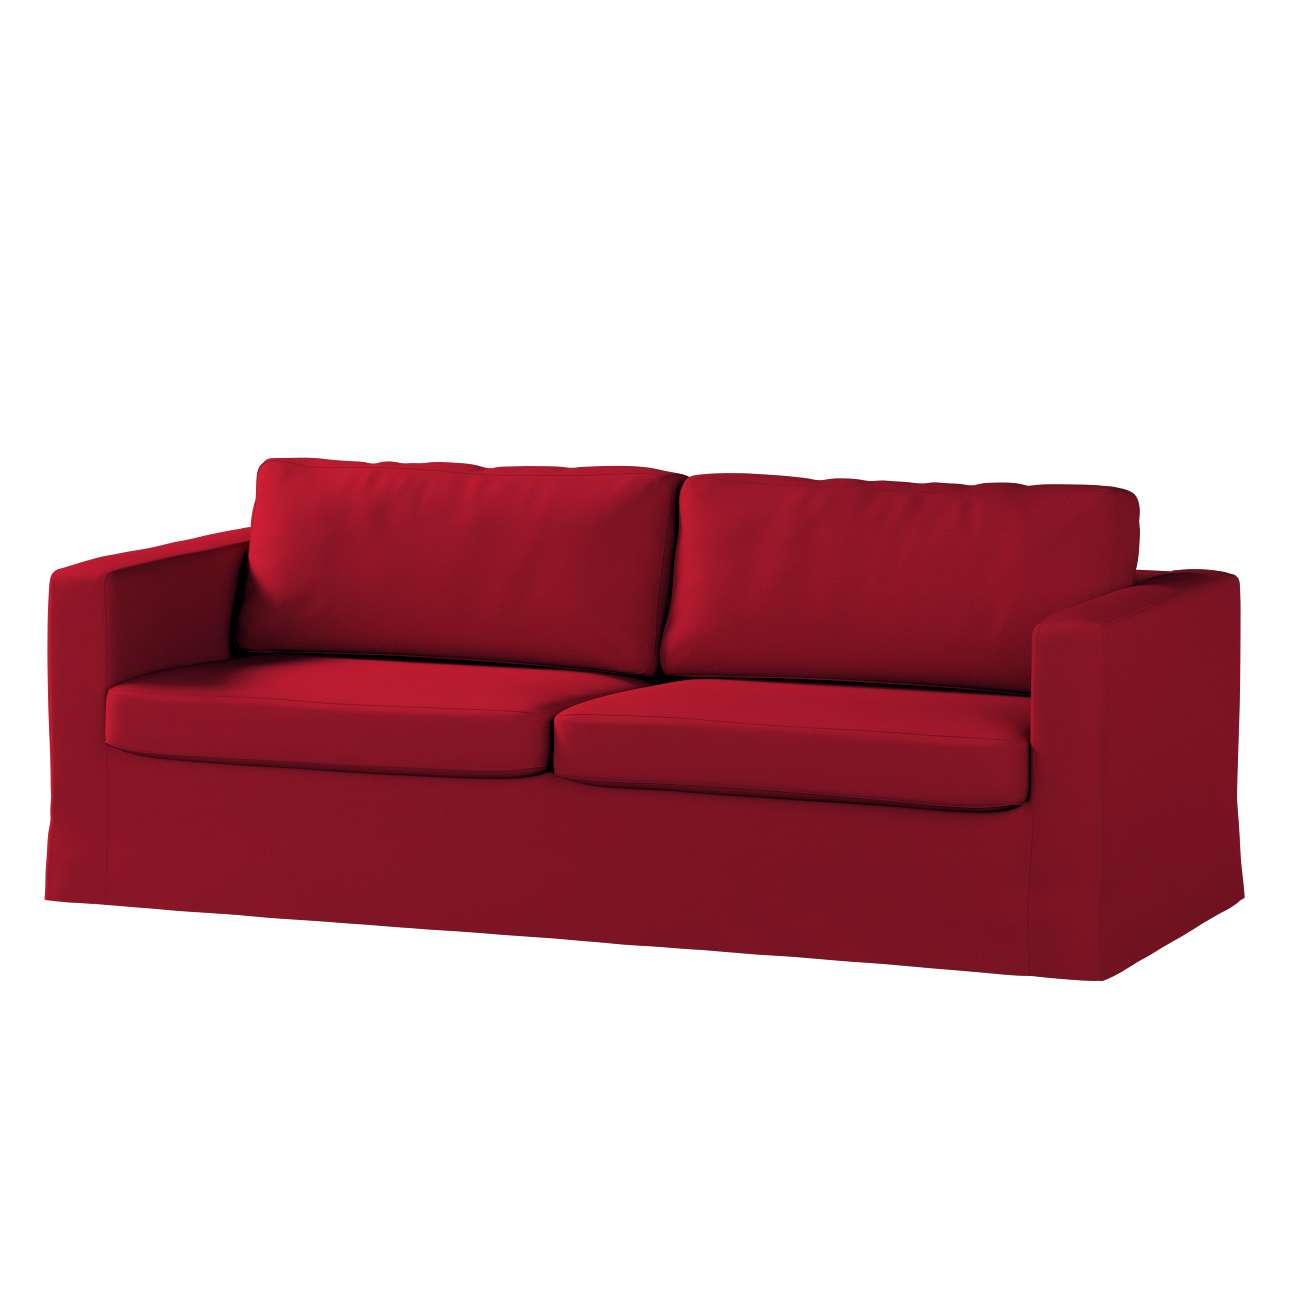 Pokrowiec na sofę Karlstad 3-osobową nierozkładaną, długi Sofa Karlstad 3-osobowa w kolekcji Etna , tkanina: 705-60